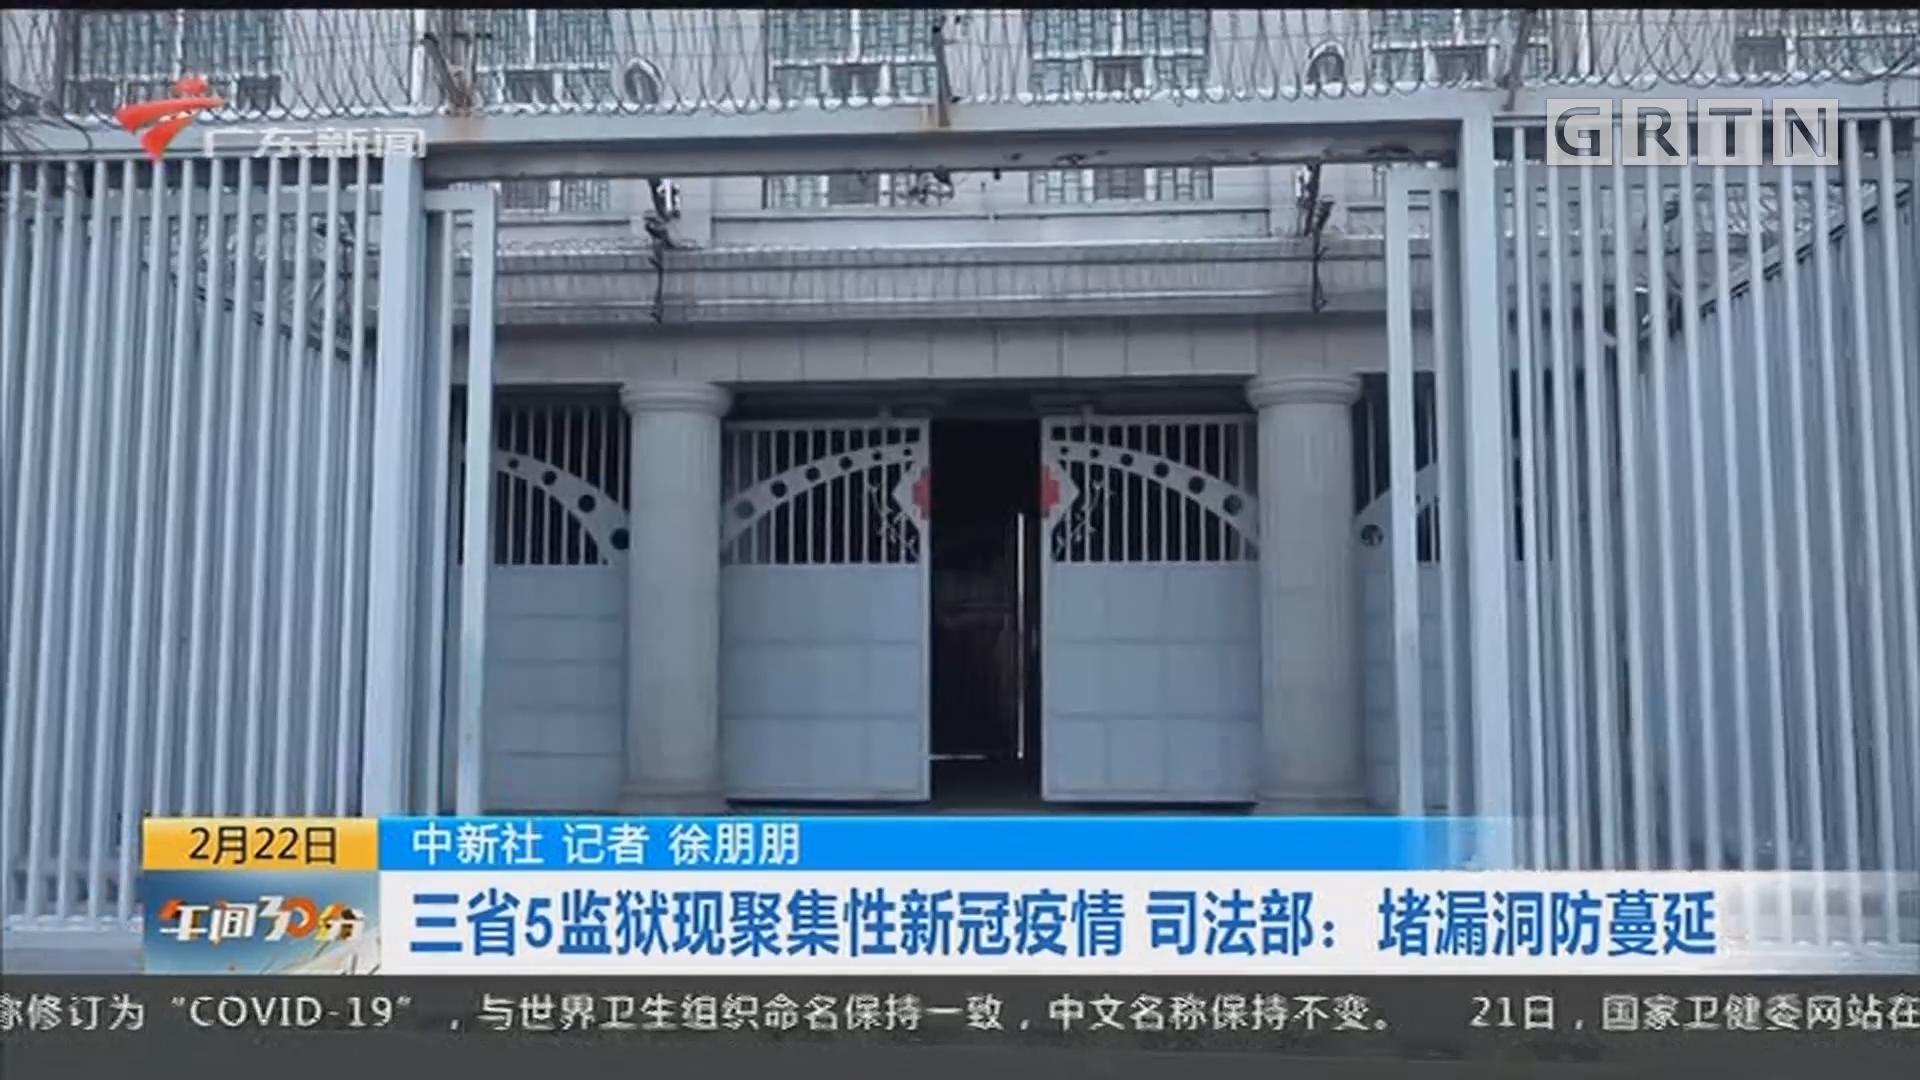 中新社:三省5监狱现聚集性新冠疫情 司法部:堵漏洞防蔓延